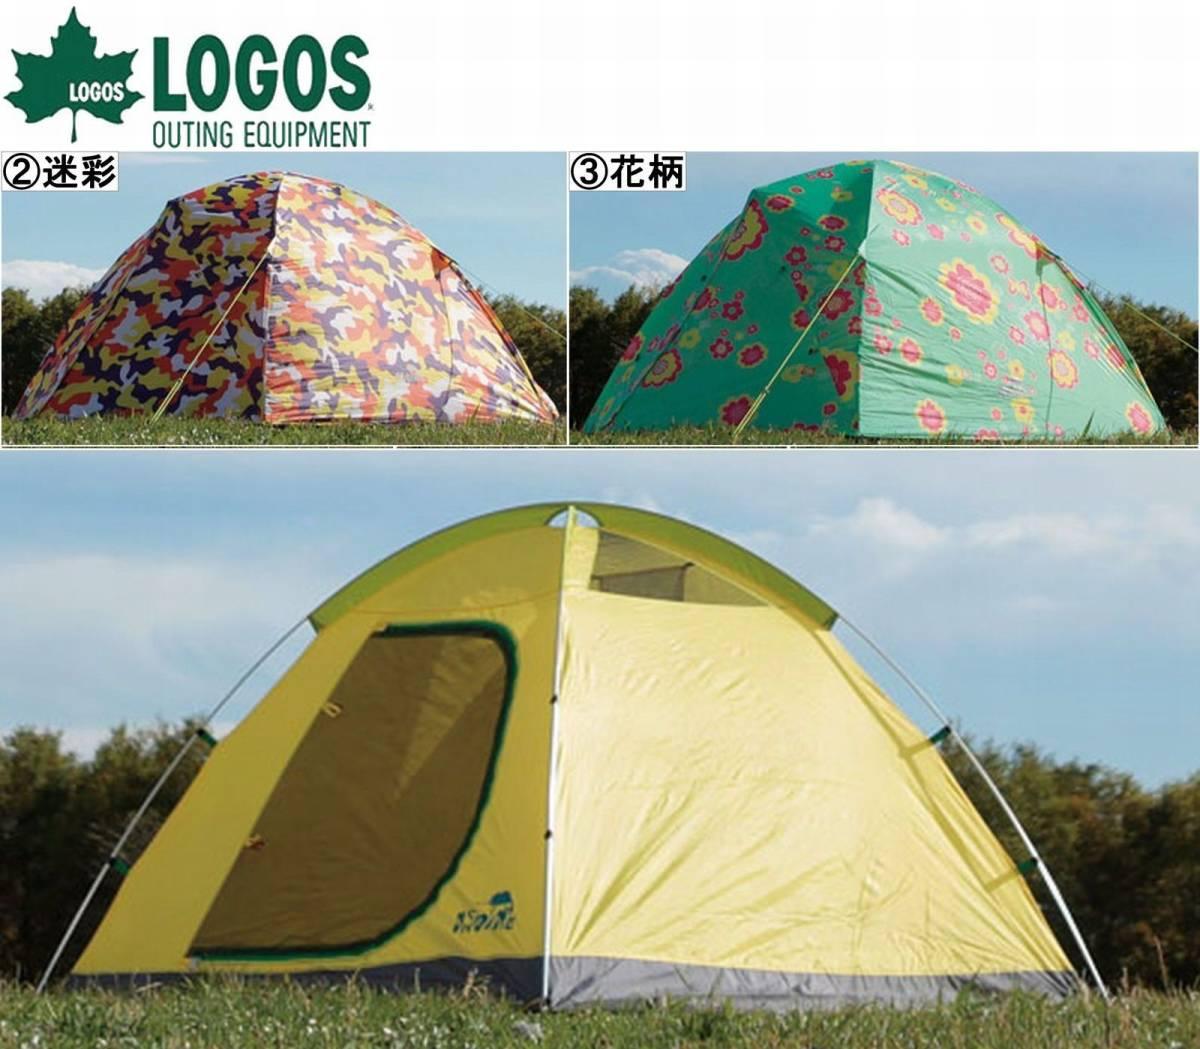 新品 LOGOS ロゴス ▼ 2.5人用テント(インナーテント+フライシート)軽量・高耐水圧 UVカット 超コンパクト収納 かんたん設営